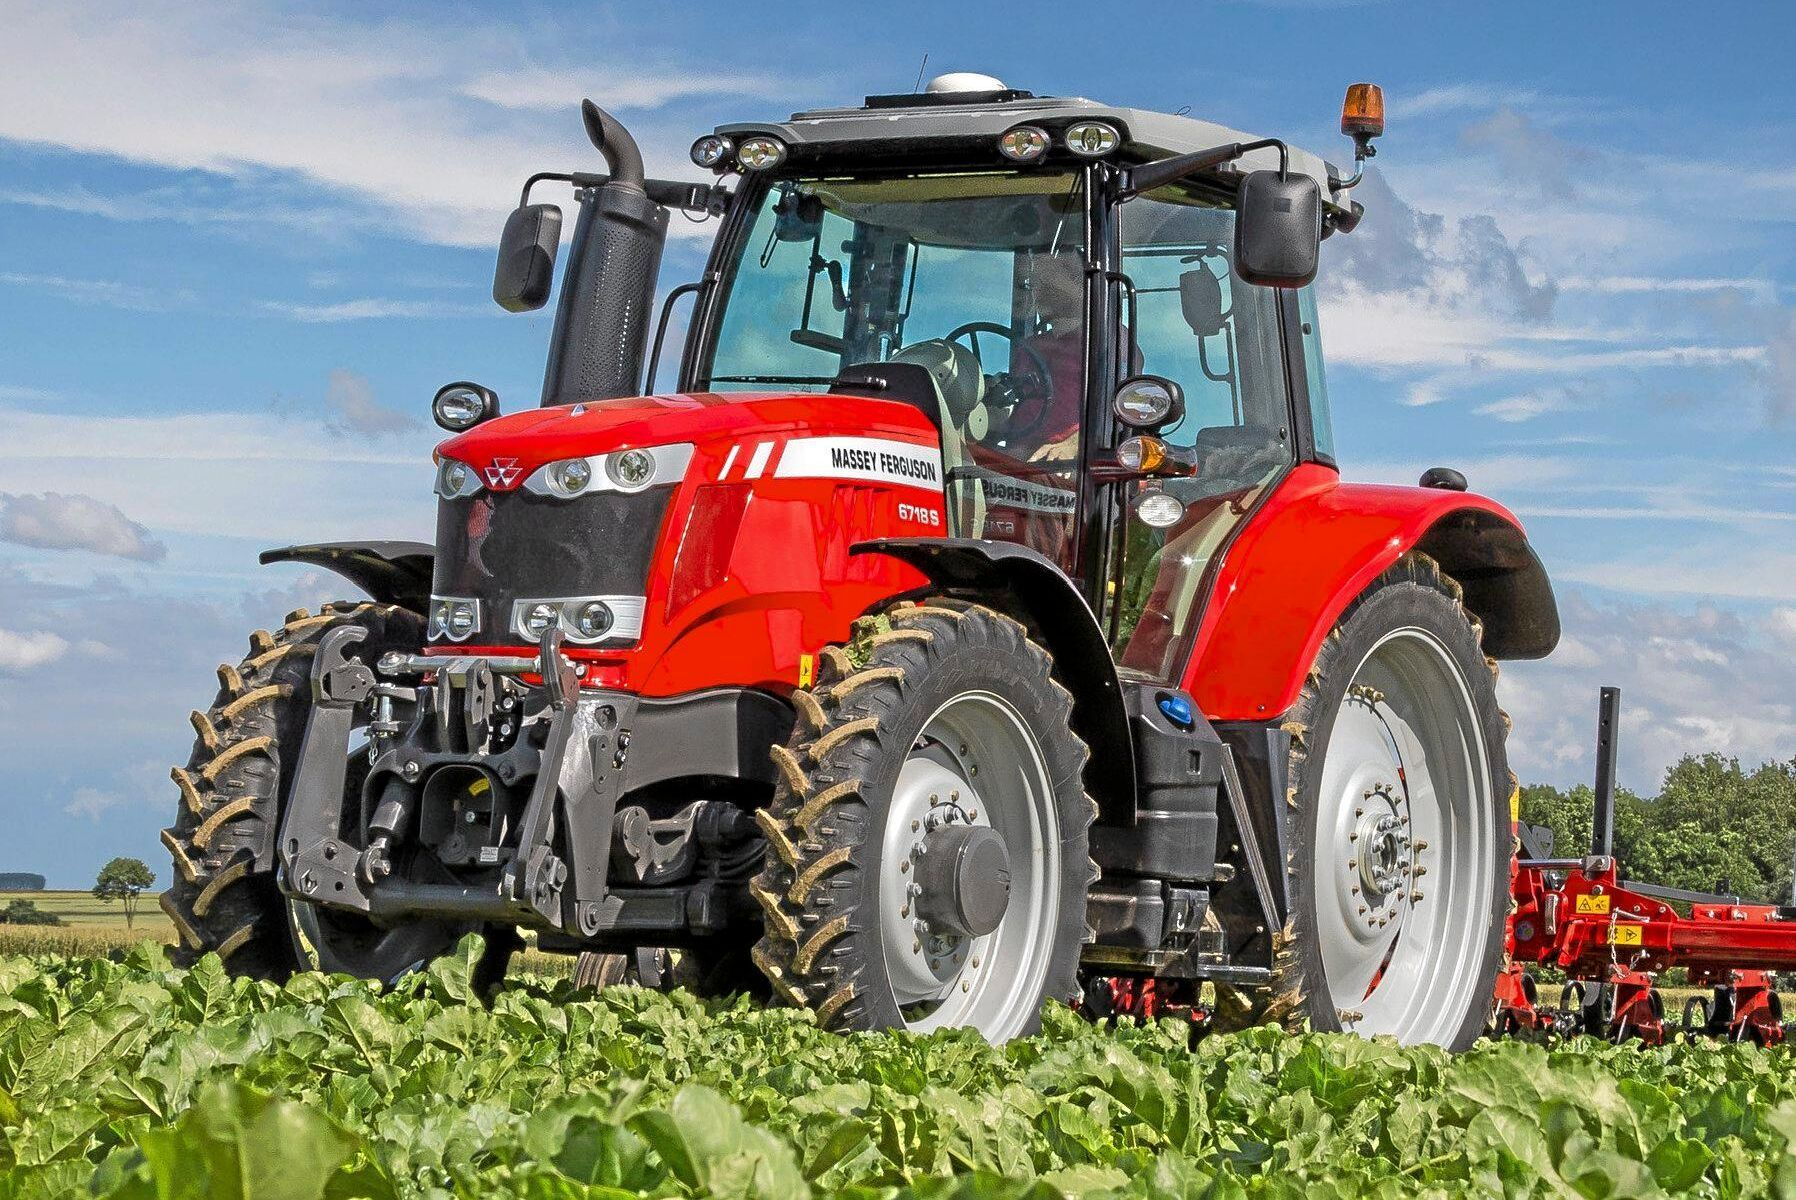 Massey Ferguson ökar återigen i registreringsstatistiken. Som ATL tidigare har berättat bunkrade svenska handlare upp sina lager kraftigt för några år sedan för att anpassa sig till det nya traktordirektivet, och nu när traktorerna är borta ökar registreringarna igen.